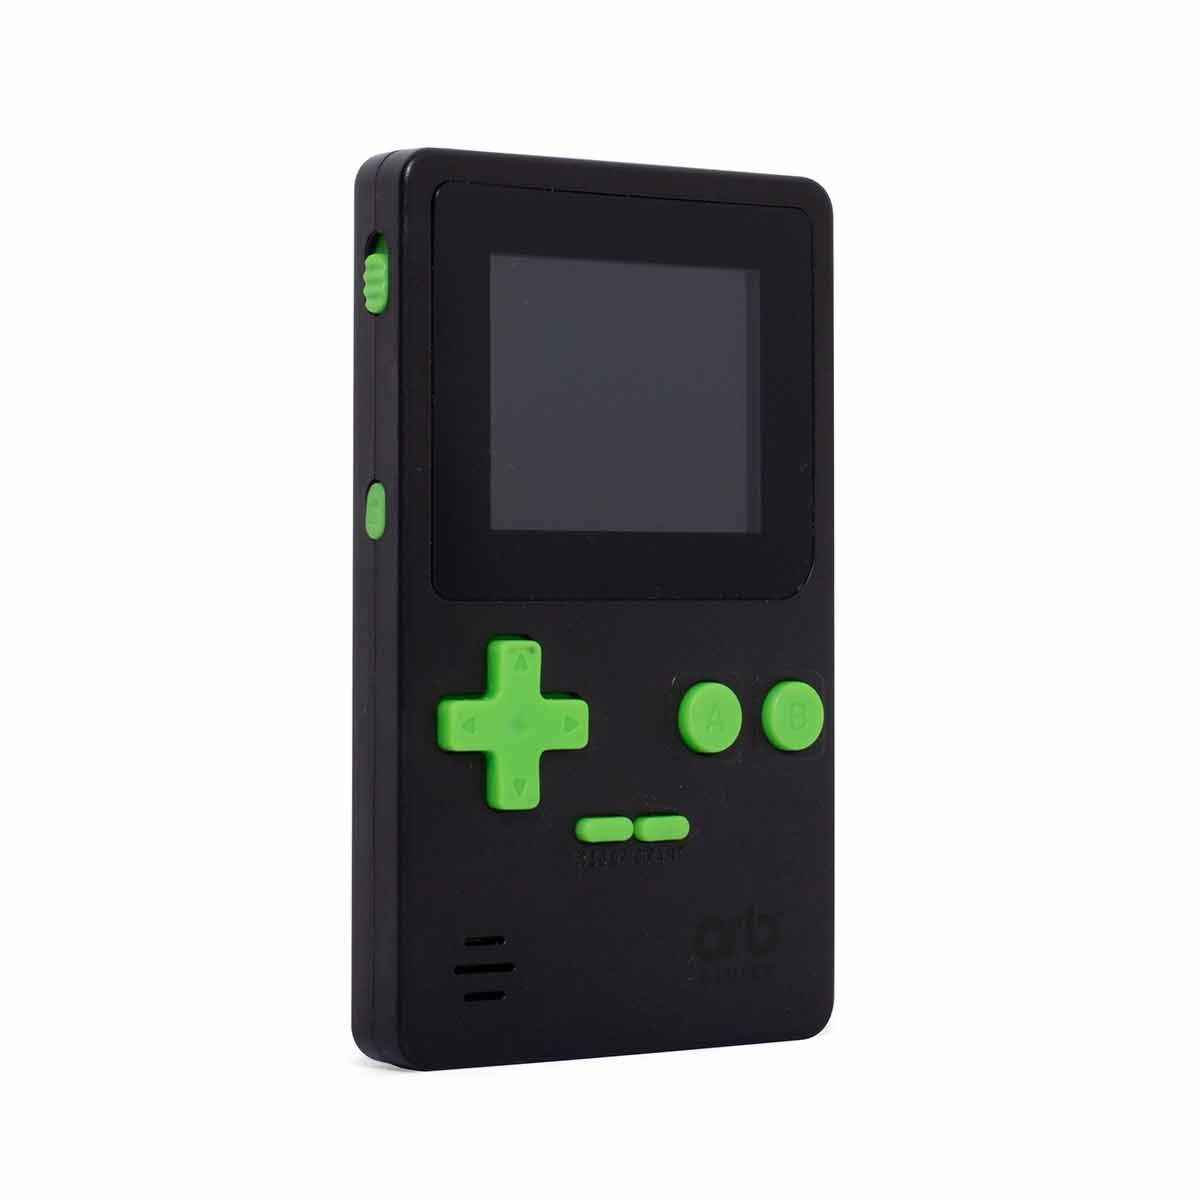 Retro Handheld Arcade Game Console Black